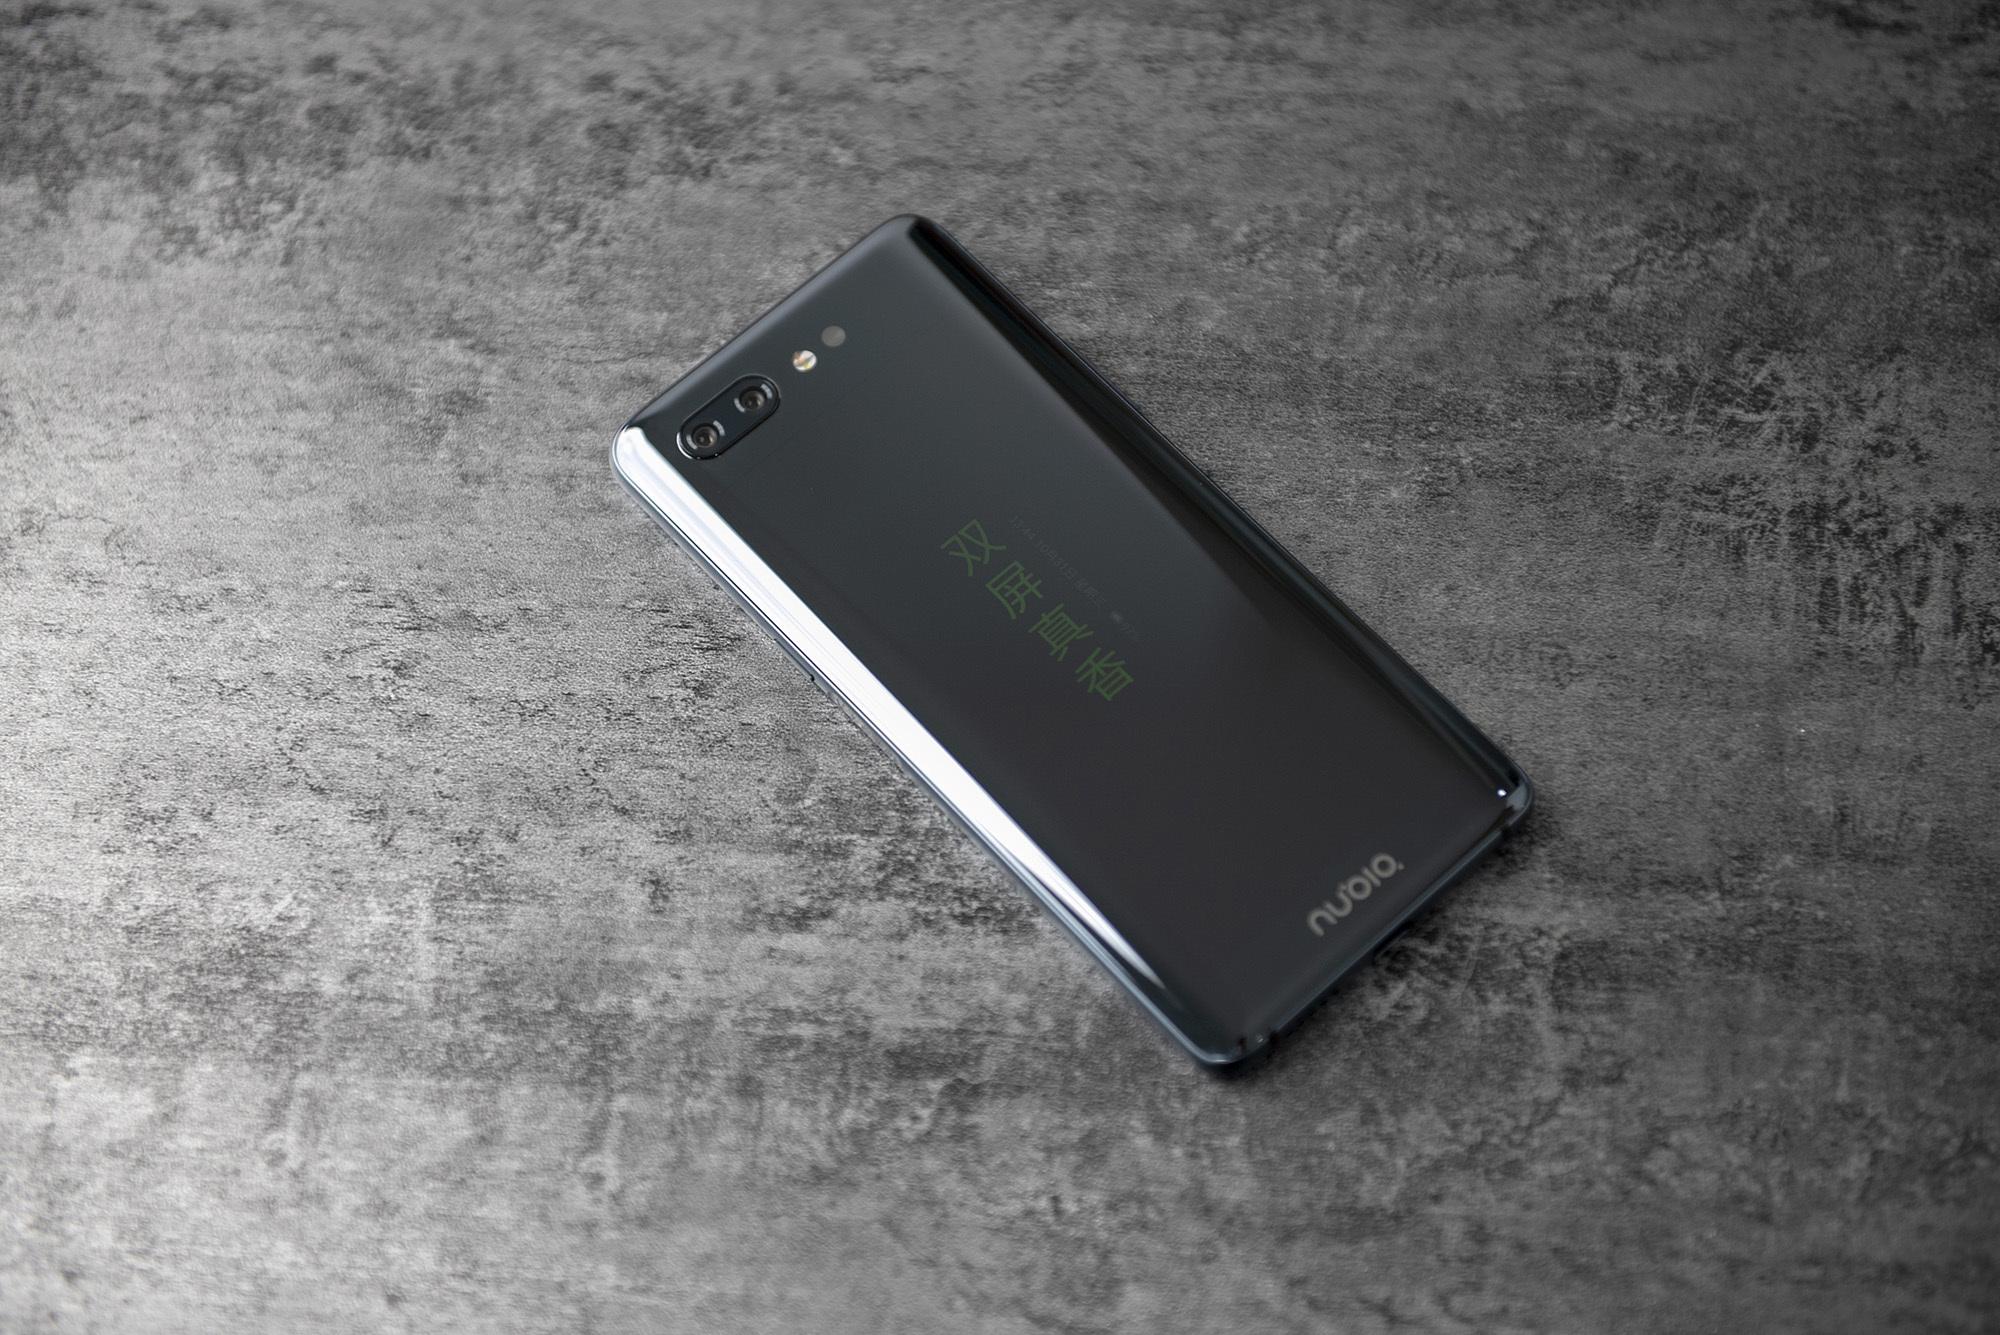 努比亚X上手体验:前后双屏手机真的好用吗?的照片 - 5